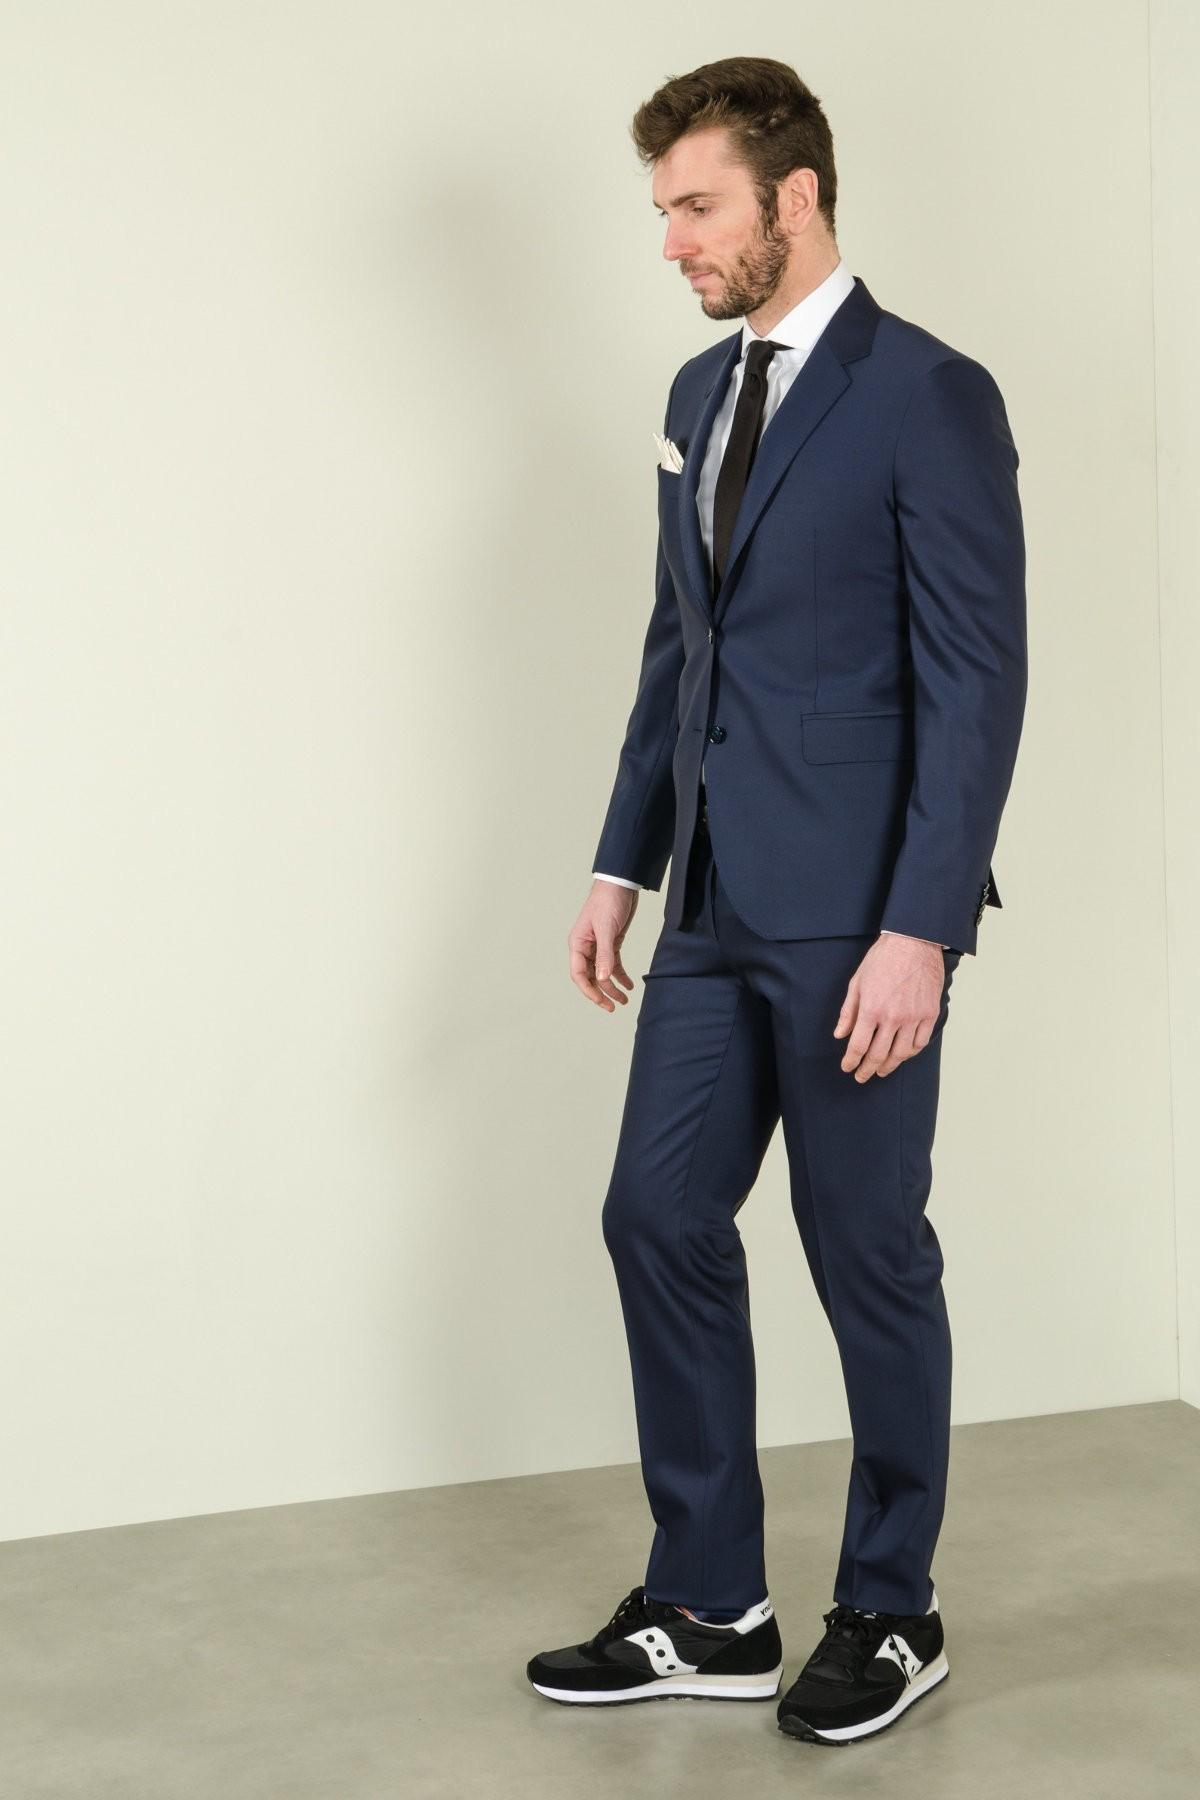 Suitsupply | Abiti da uomo, giacche, camicie, pantaloni e